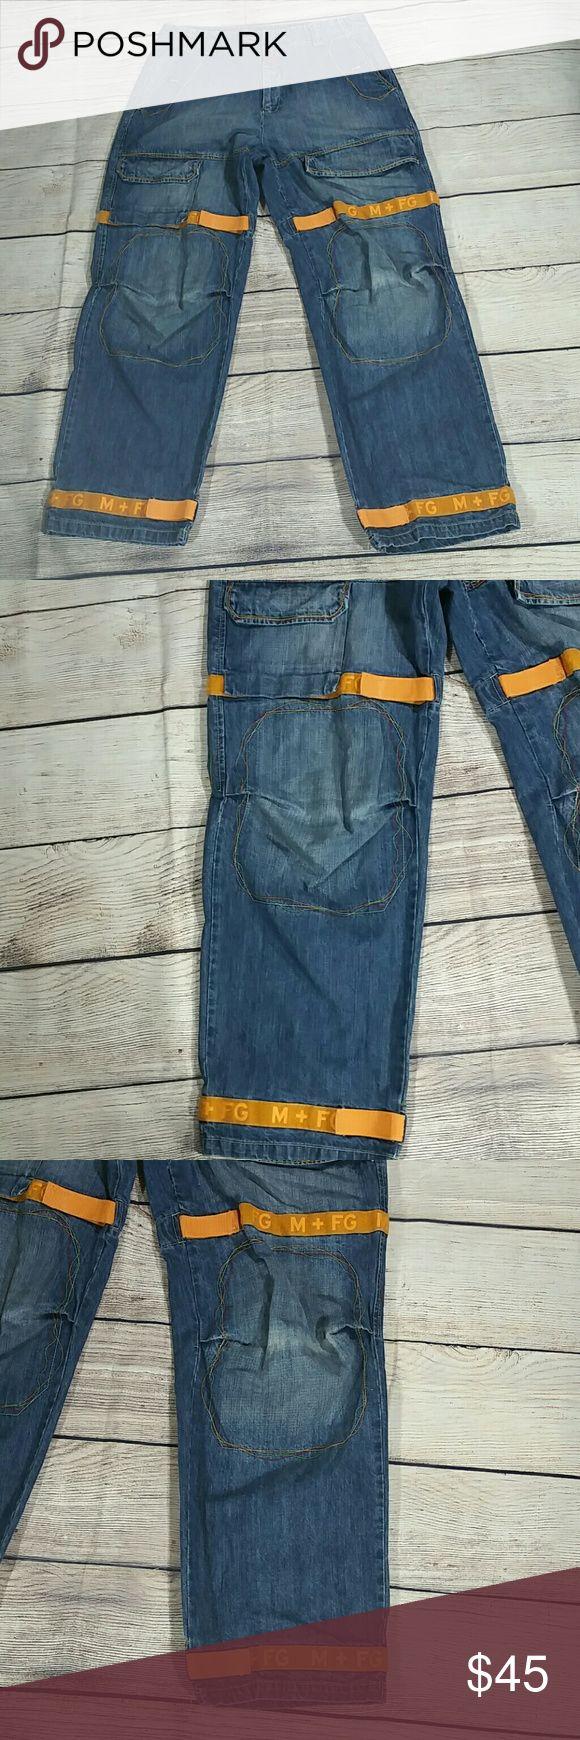 Vintage MFG Marithe Francois Girbaud Cargo jeans 123 Marithe Francois Girbaud Jeans